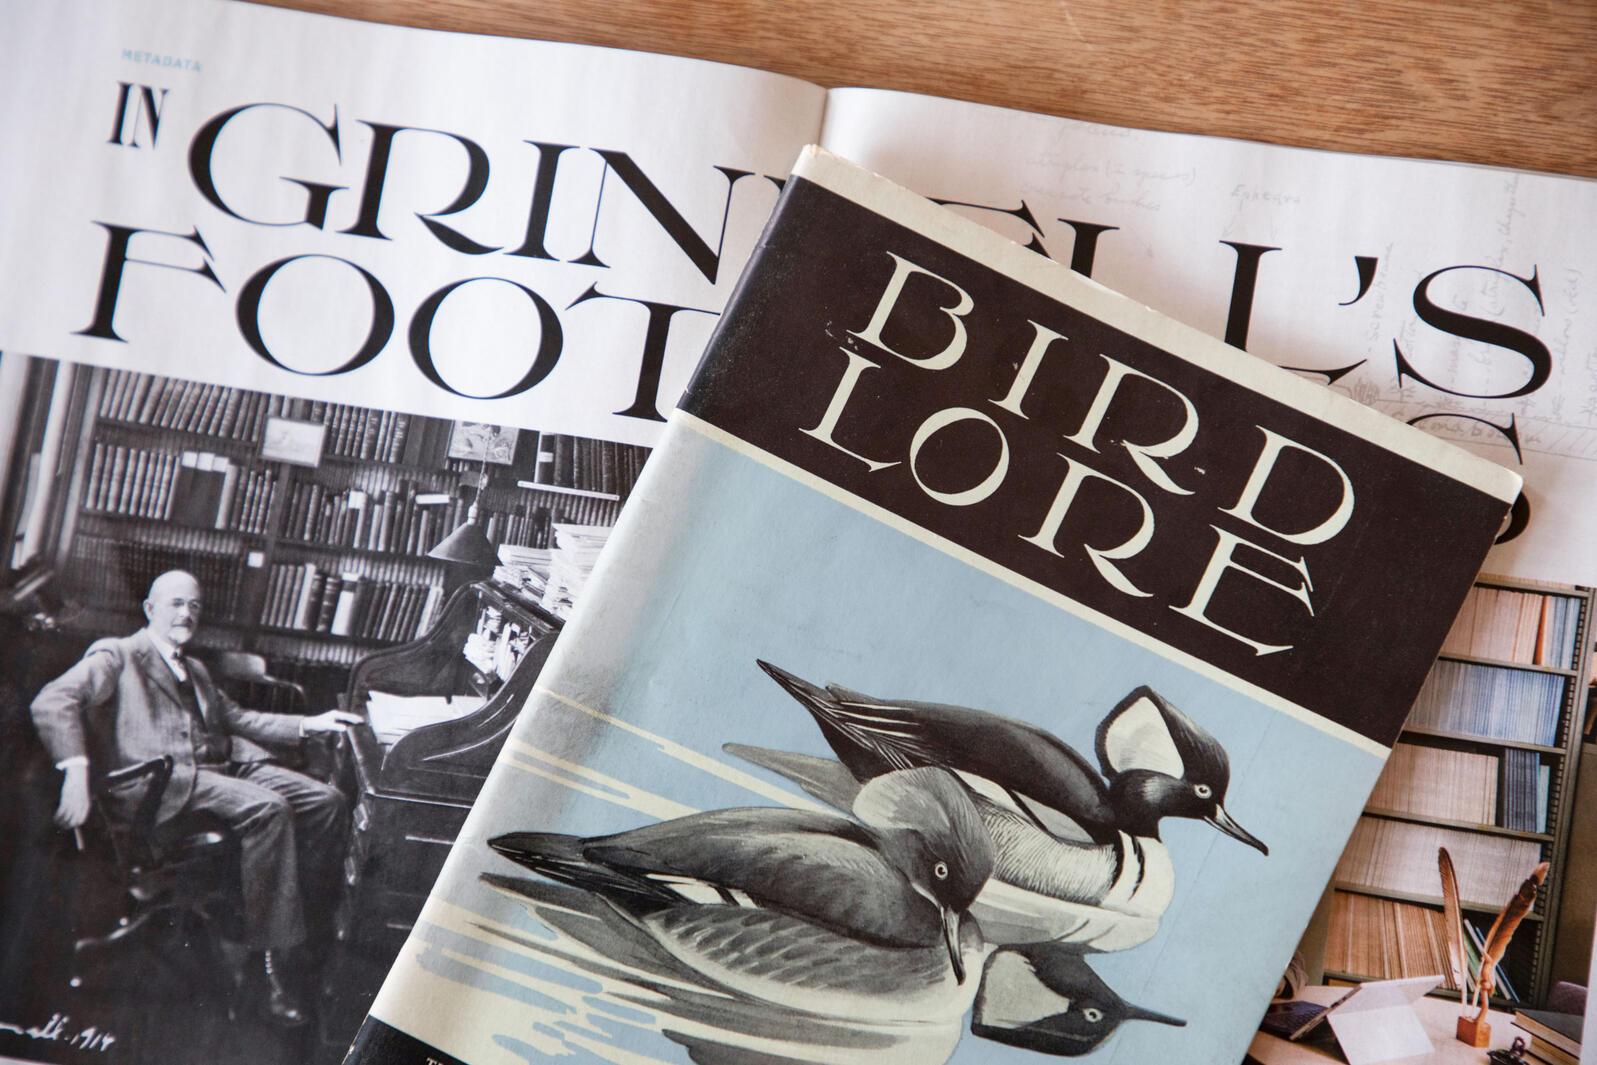 El último número de Audubon se inspira en el diseño del predecesor de la revista, Bird-Lore.